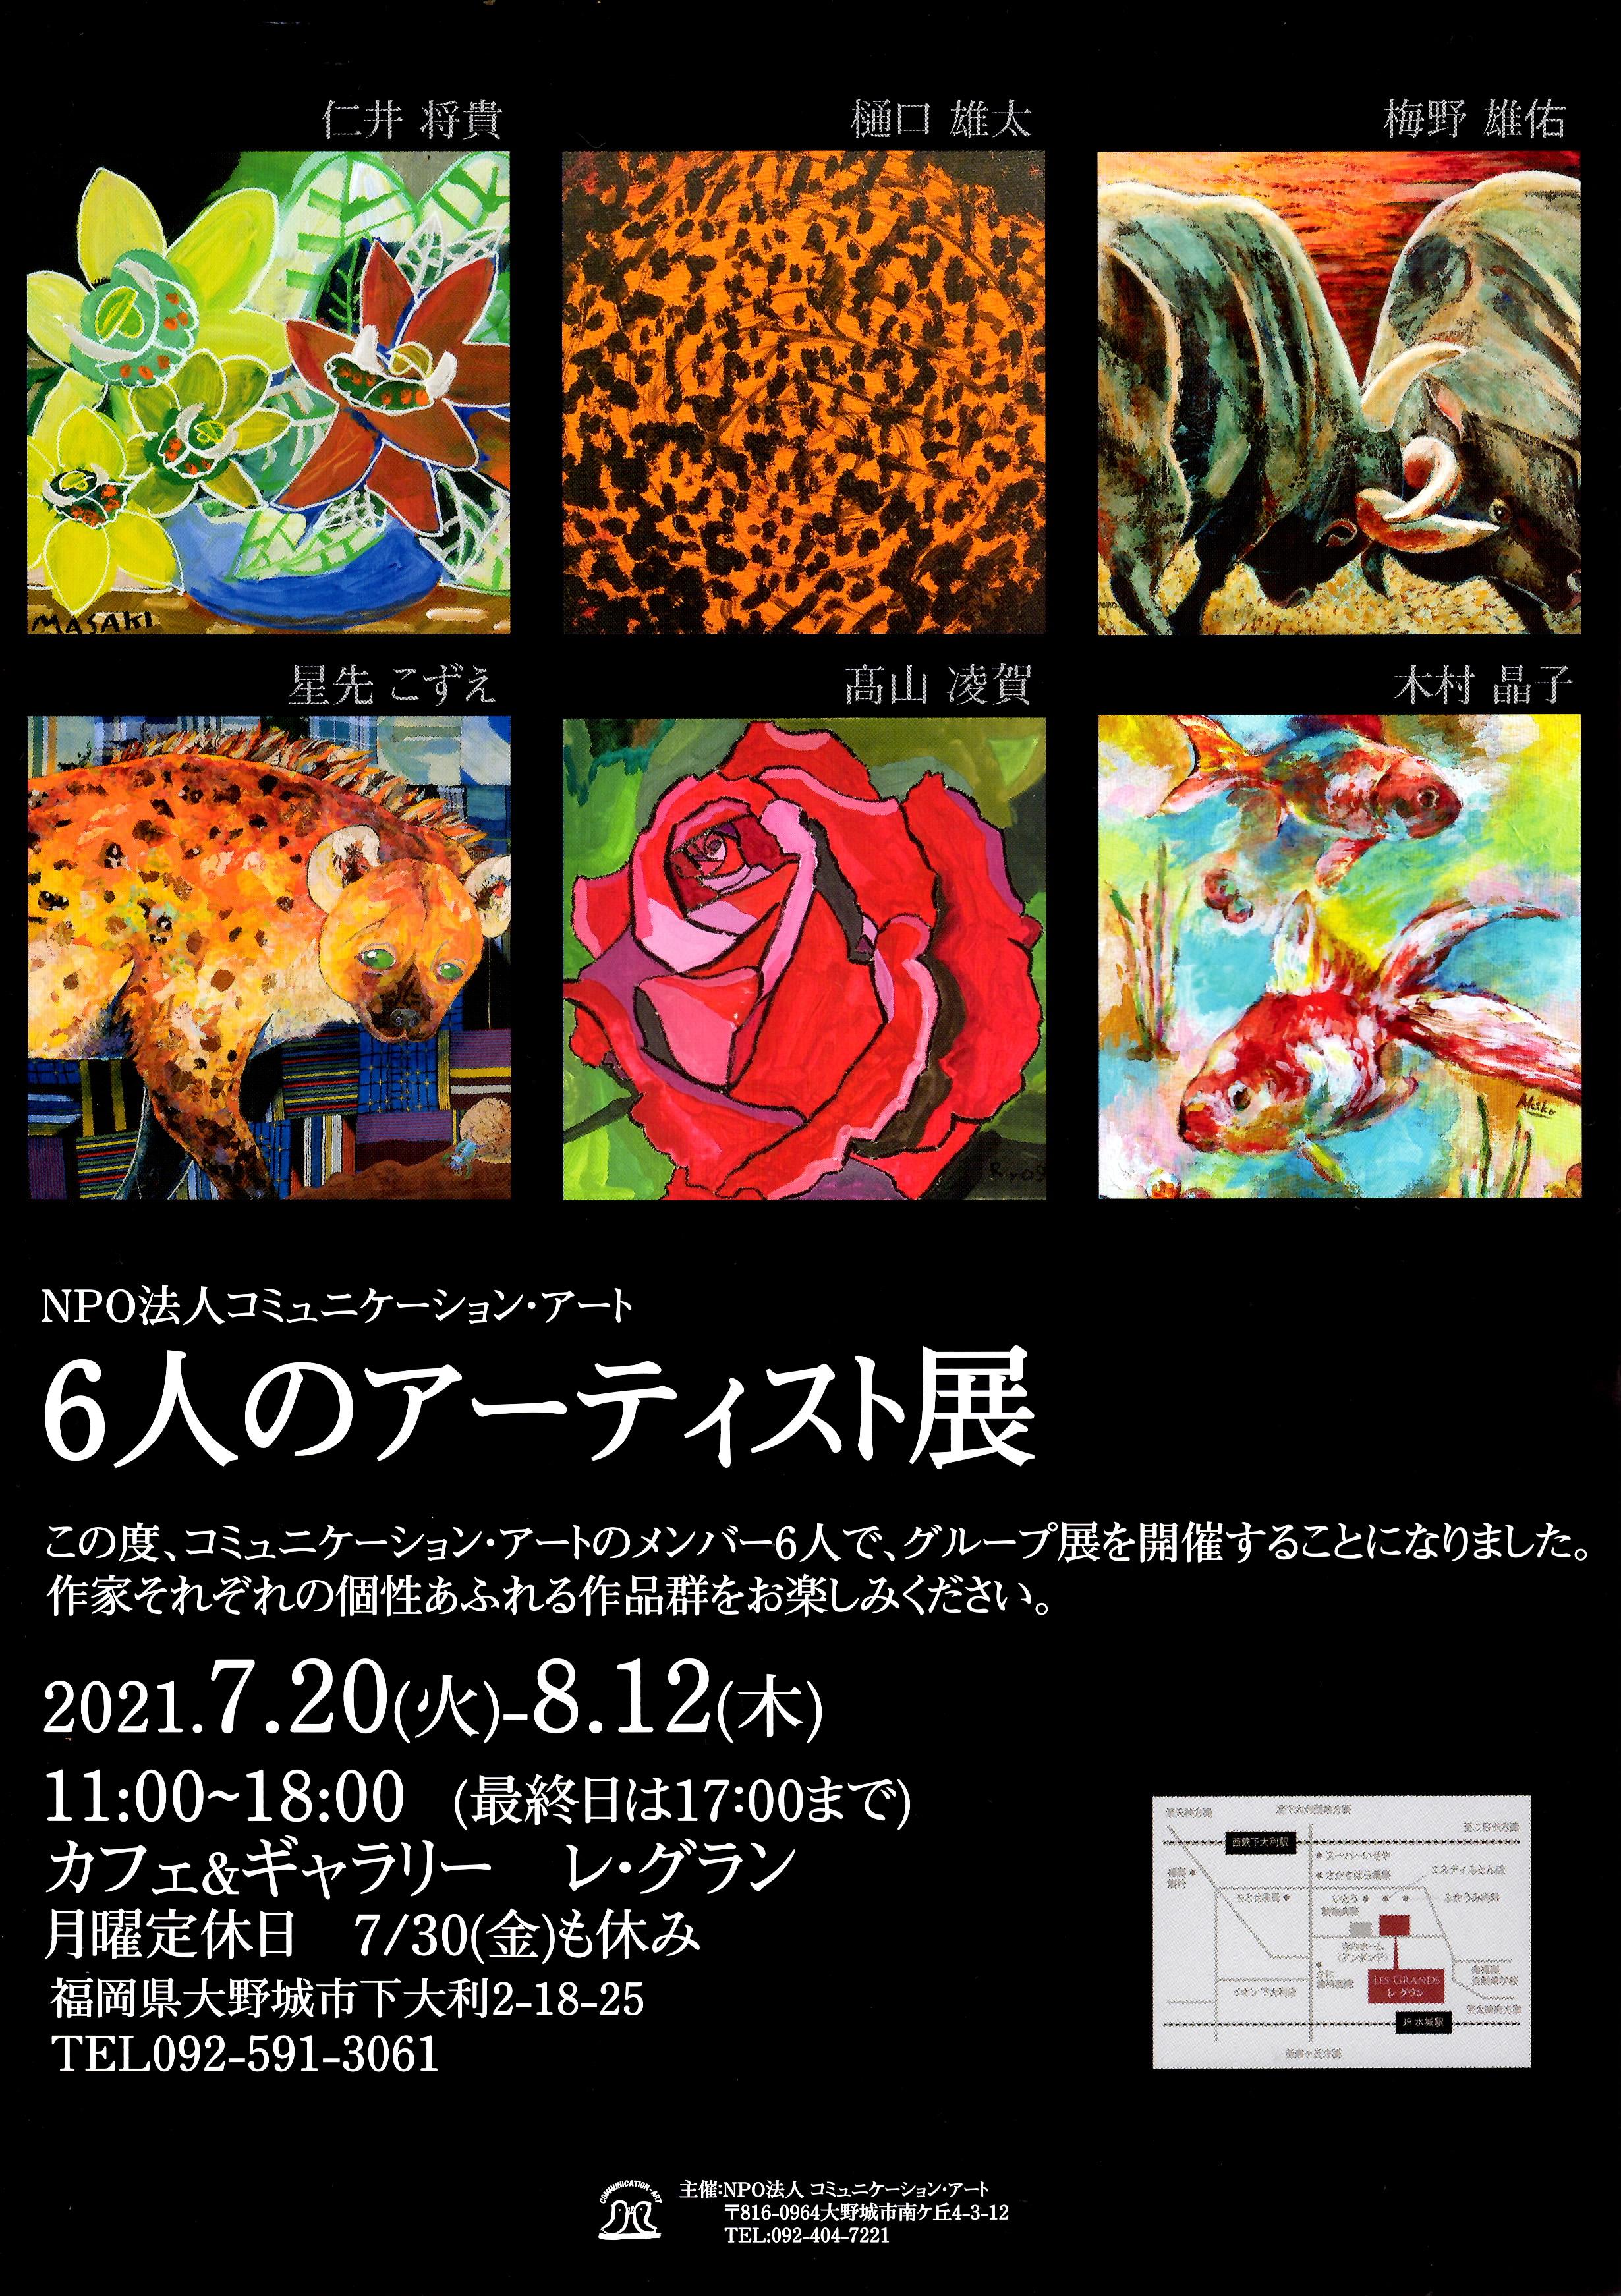 2021年7月20日~8月12日 6人のアーティスト展